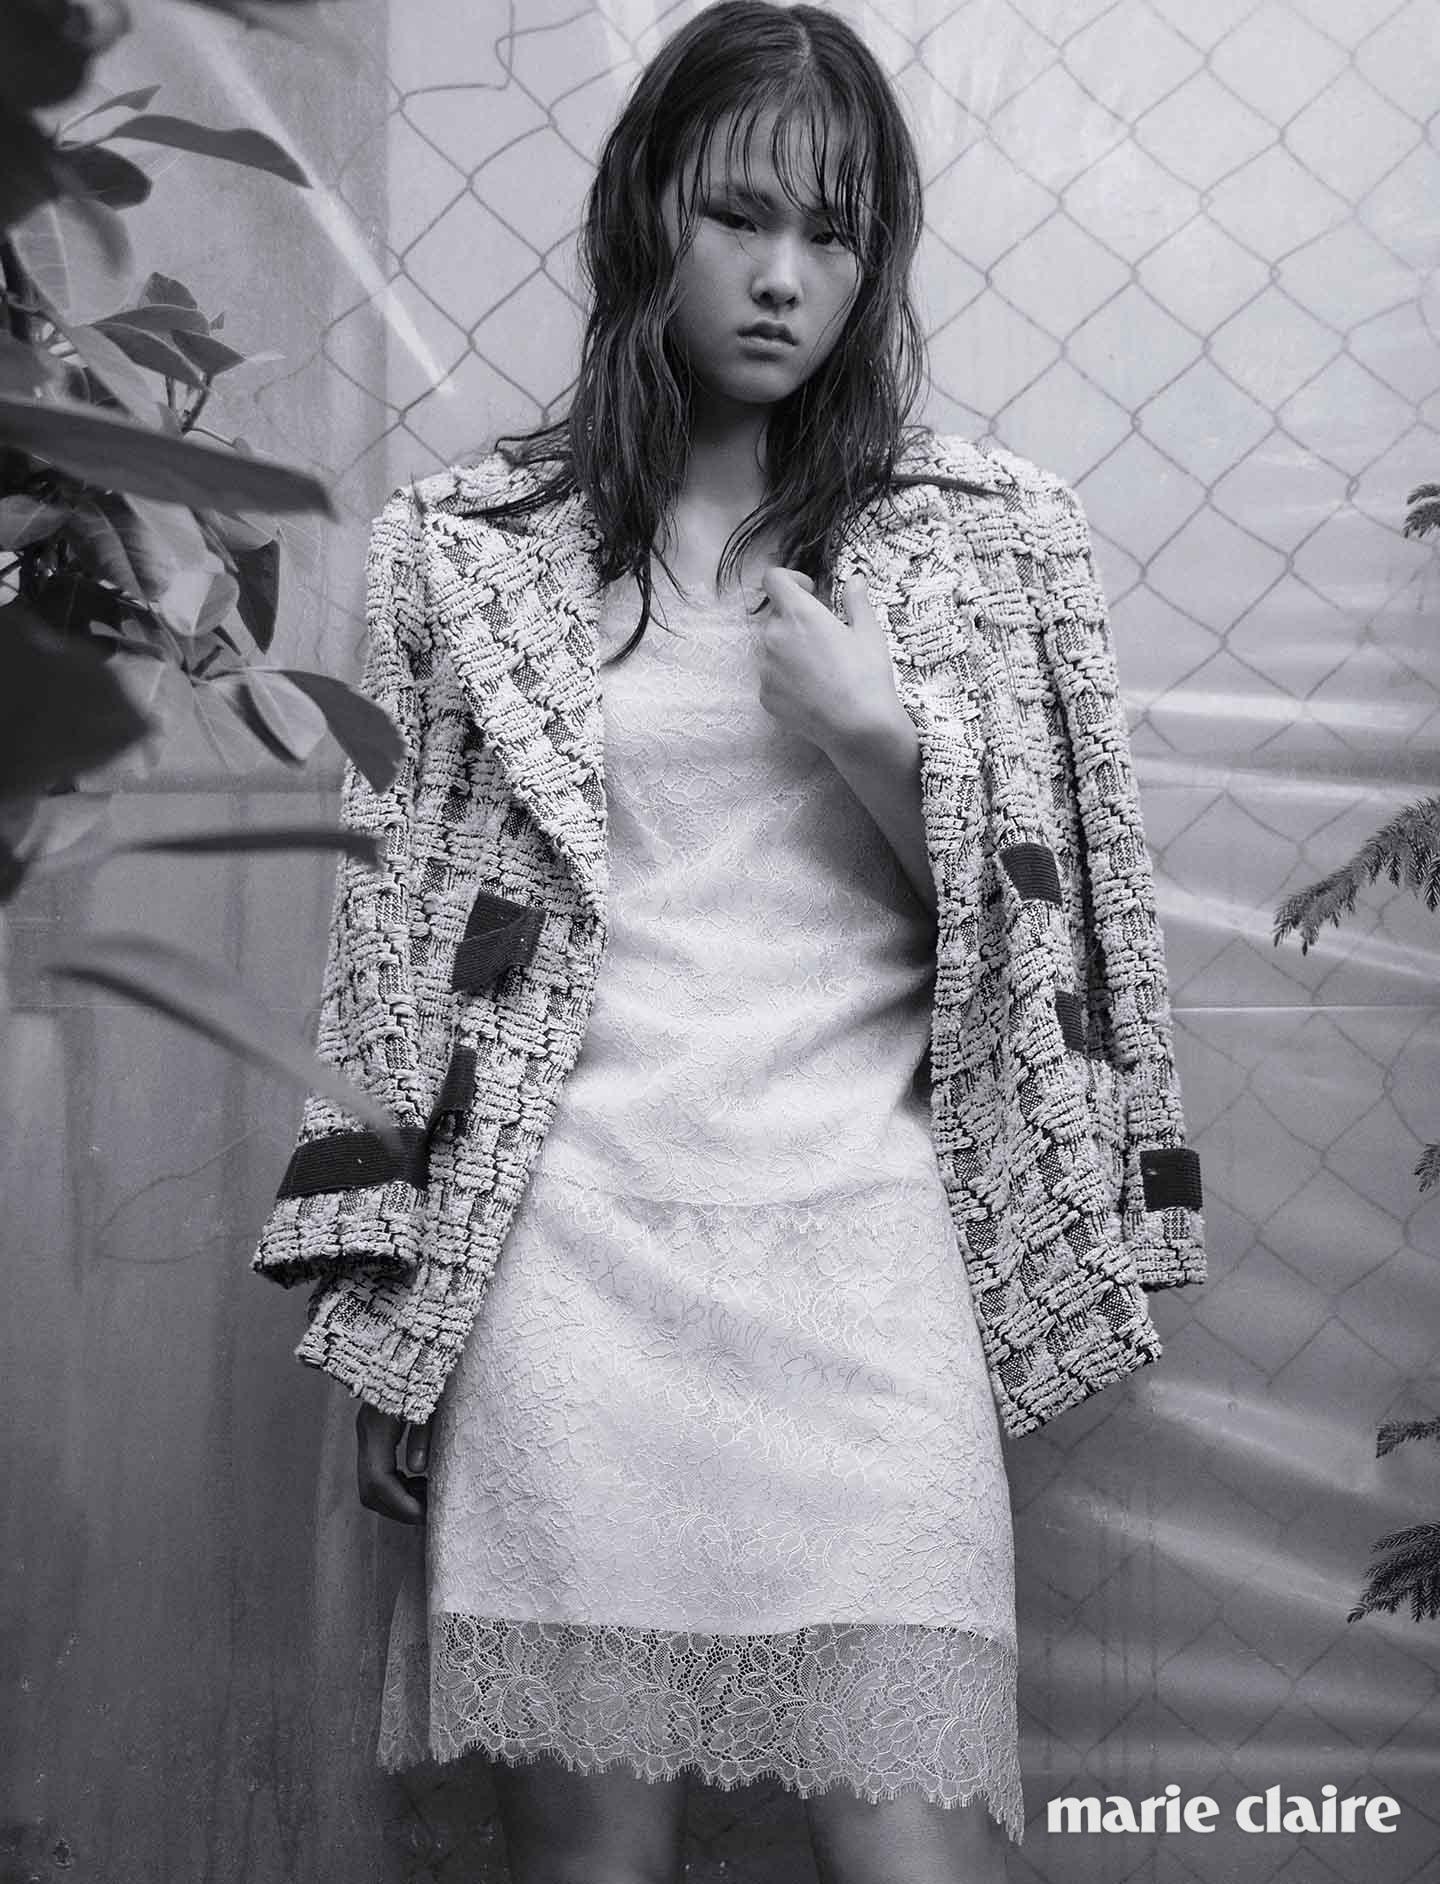 레이스 소재의 베이비핑크 캐미솔 톱과 스커트, 트위드 재킷 모두 샤넬(Chanel)